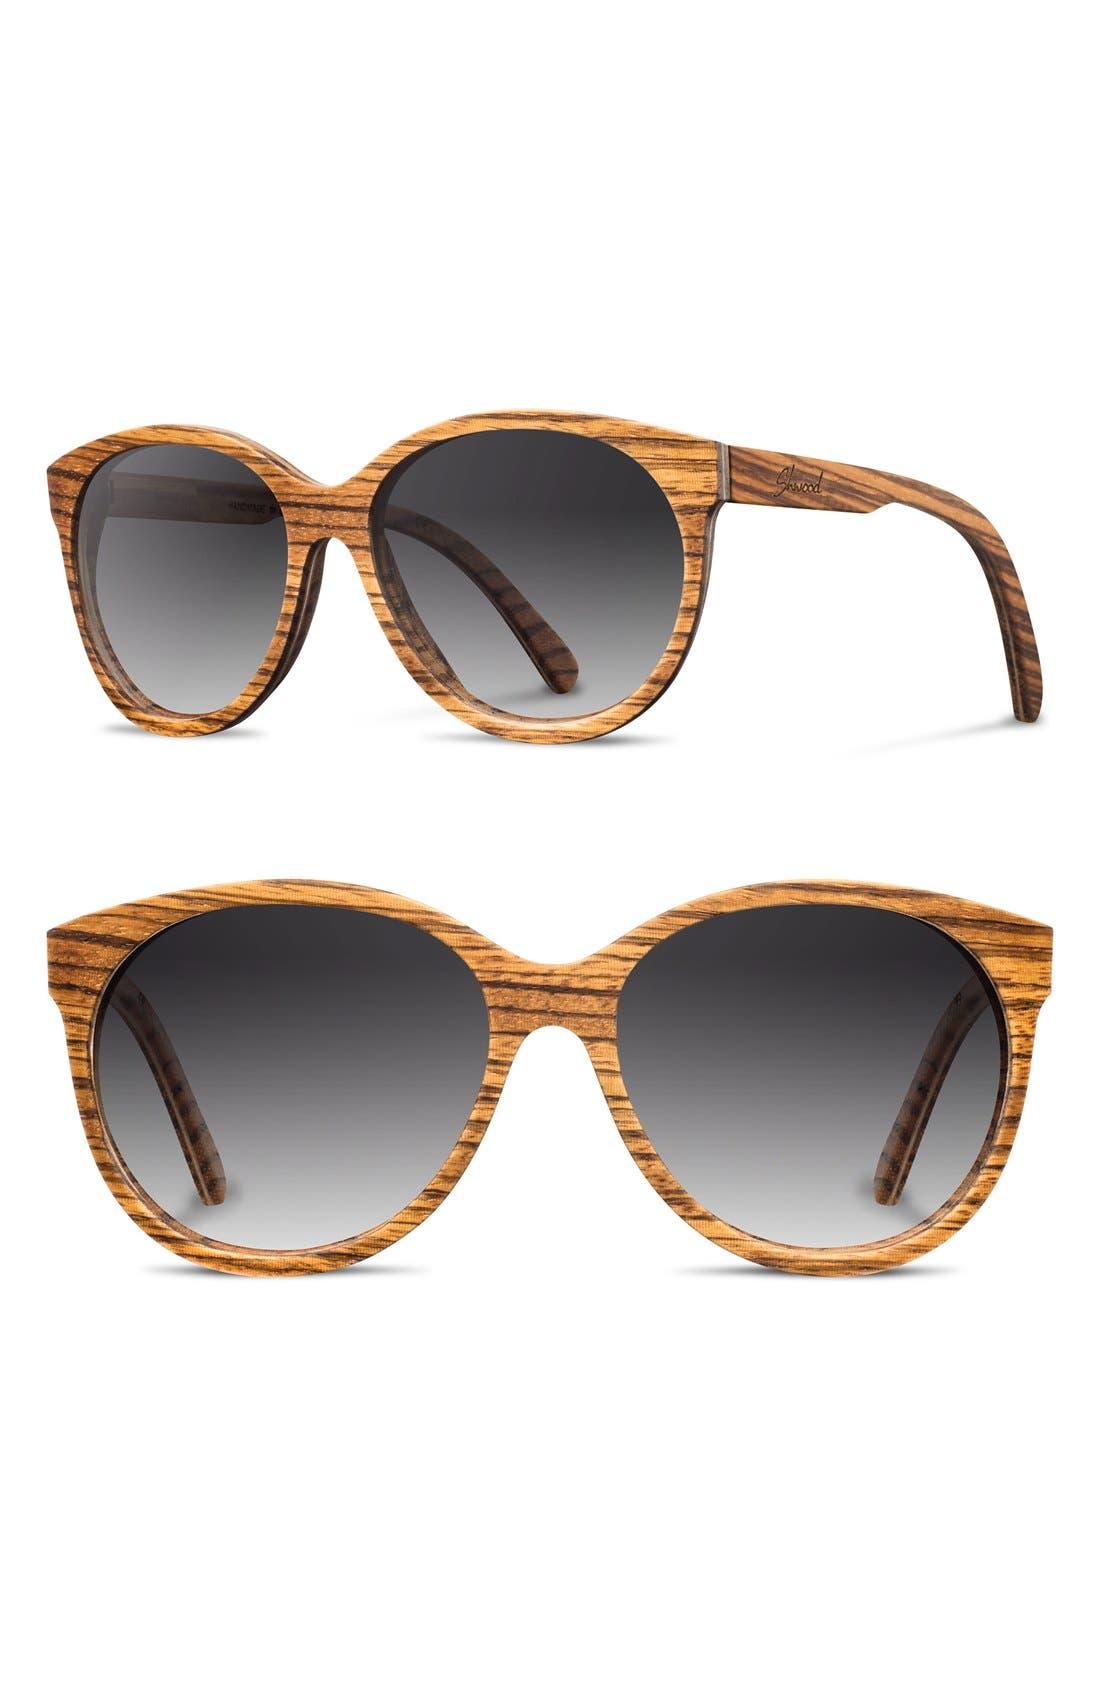 Shwood 'Madison' 54mm Polarized Round Wood Sunglasses